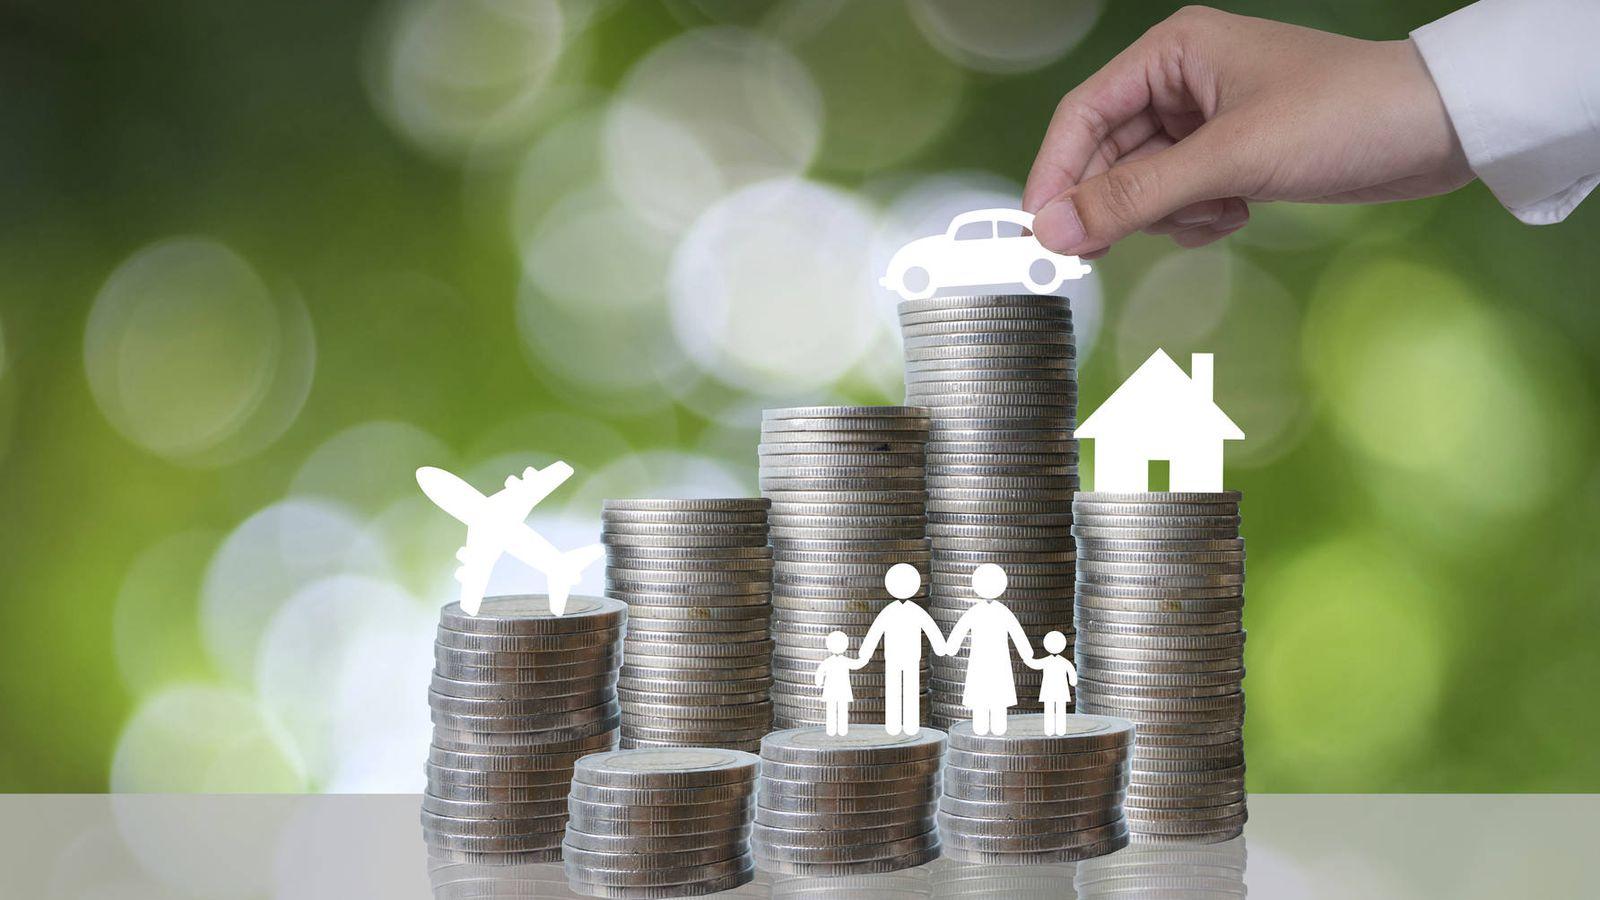 e984aa8fa3b07 Ahorro y Consumo  La regla del 50-20-30 para gastar solo en lo que  necesitas y ahorrar todos los meses